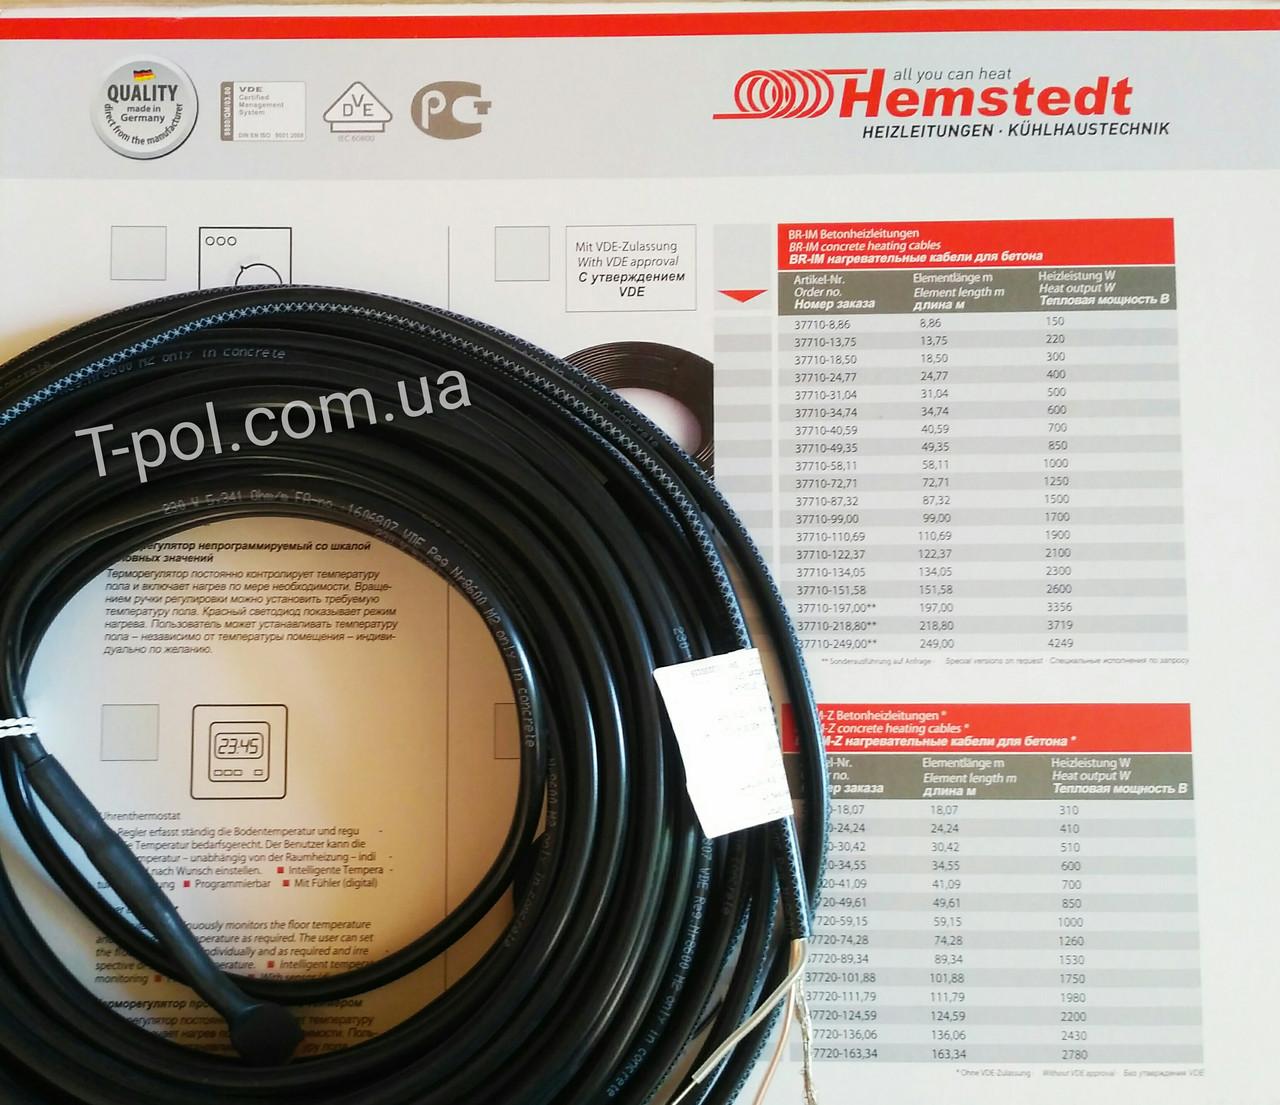 Двужильный экранированный кабель на 15 м2 теплого пола br-im 2300 вт 134,1 м Hemstedt